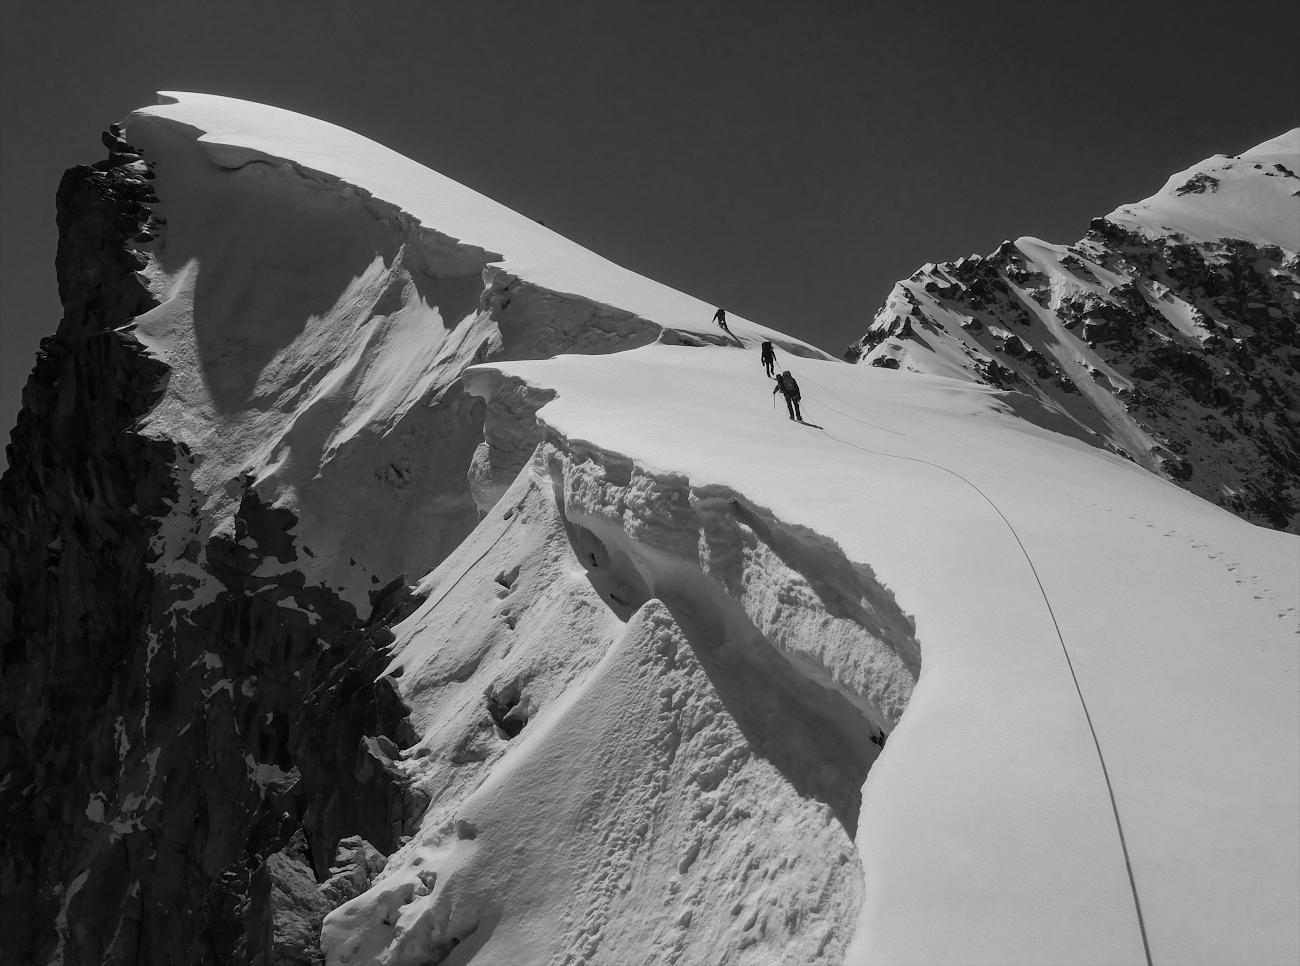 на подходе к вершине Коштантау (5150м), Безенги, Балкария...